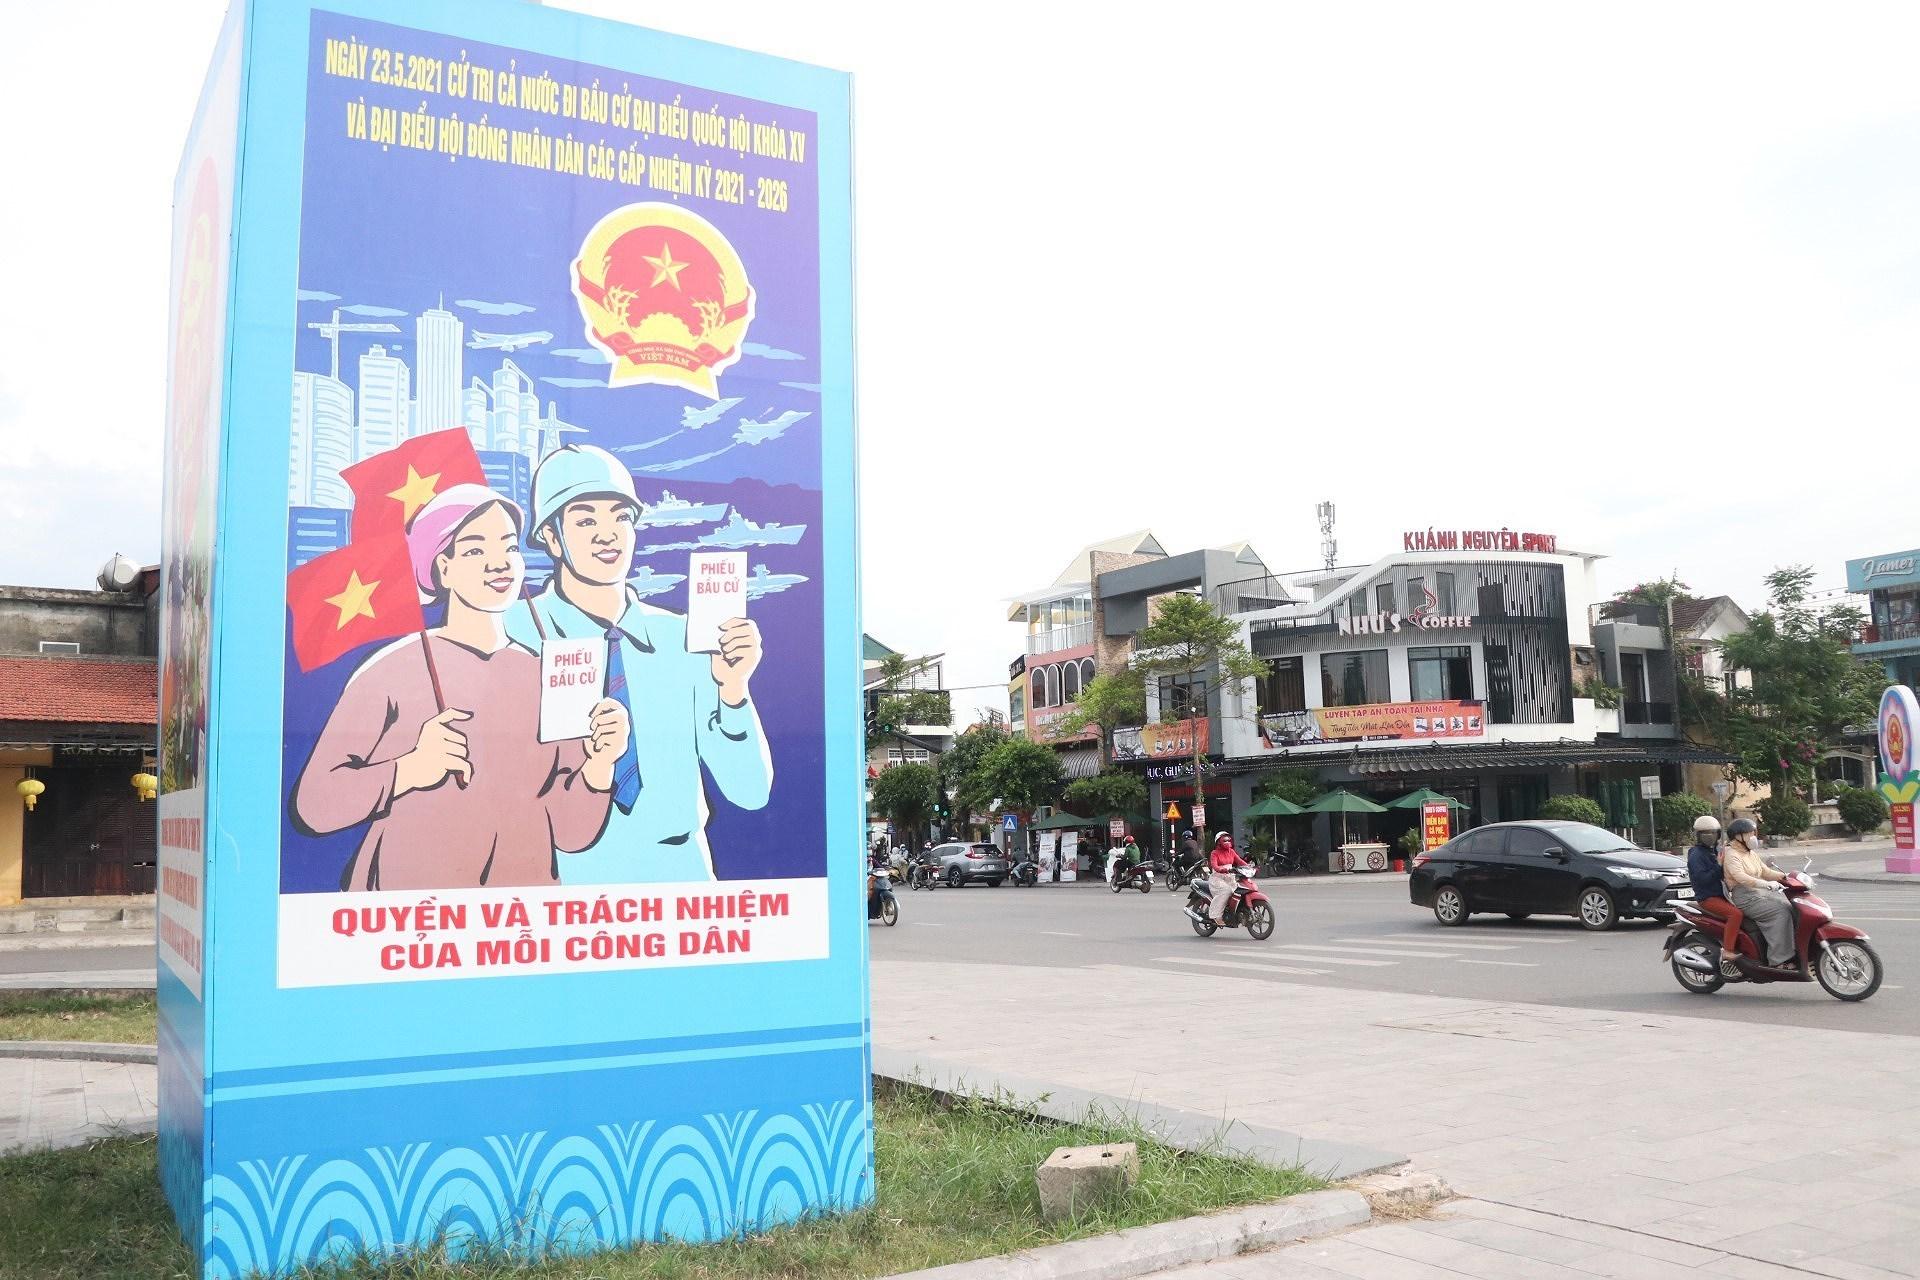 Les localites vietnamiennes sont pretes aux elections legislatives de 2021 hinh anh 9